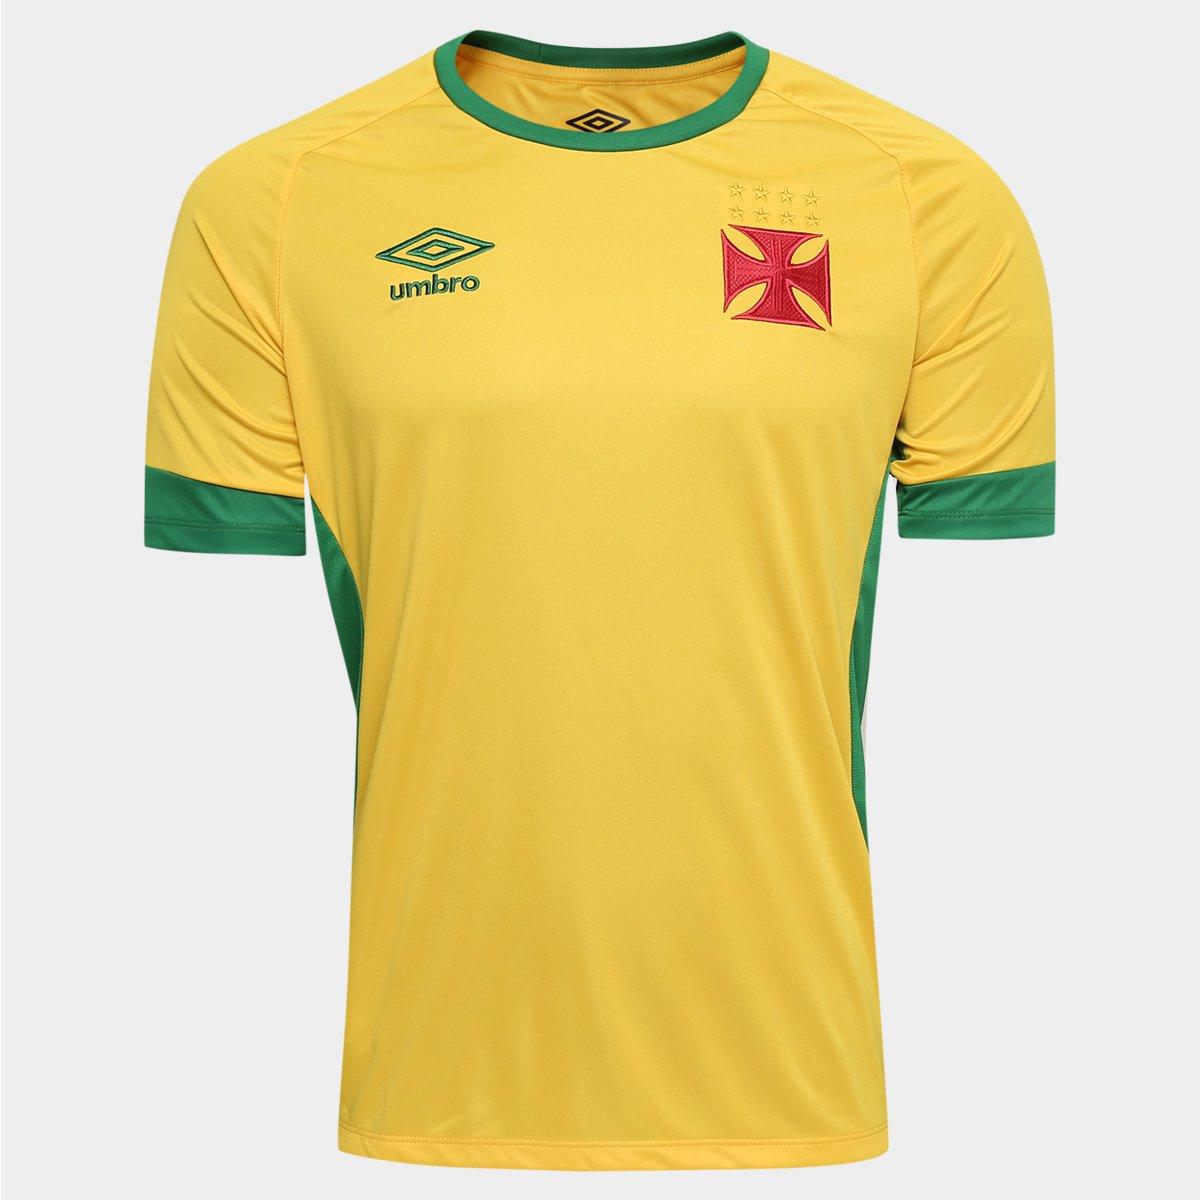 Camisa de Treino Vasco 2016 Umbro Masculina - Compre Agora  c5c0002b3d06d